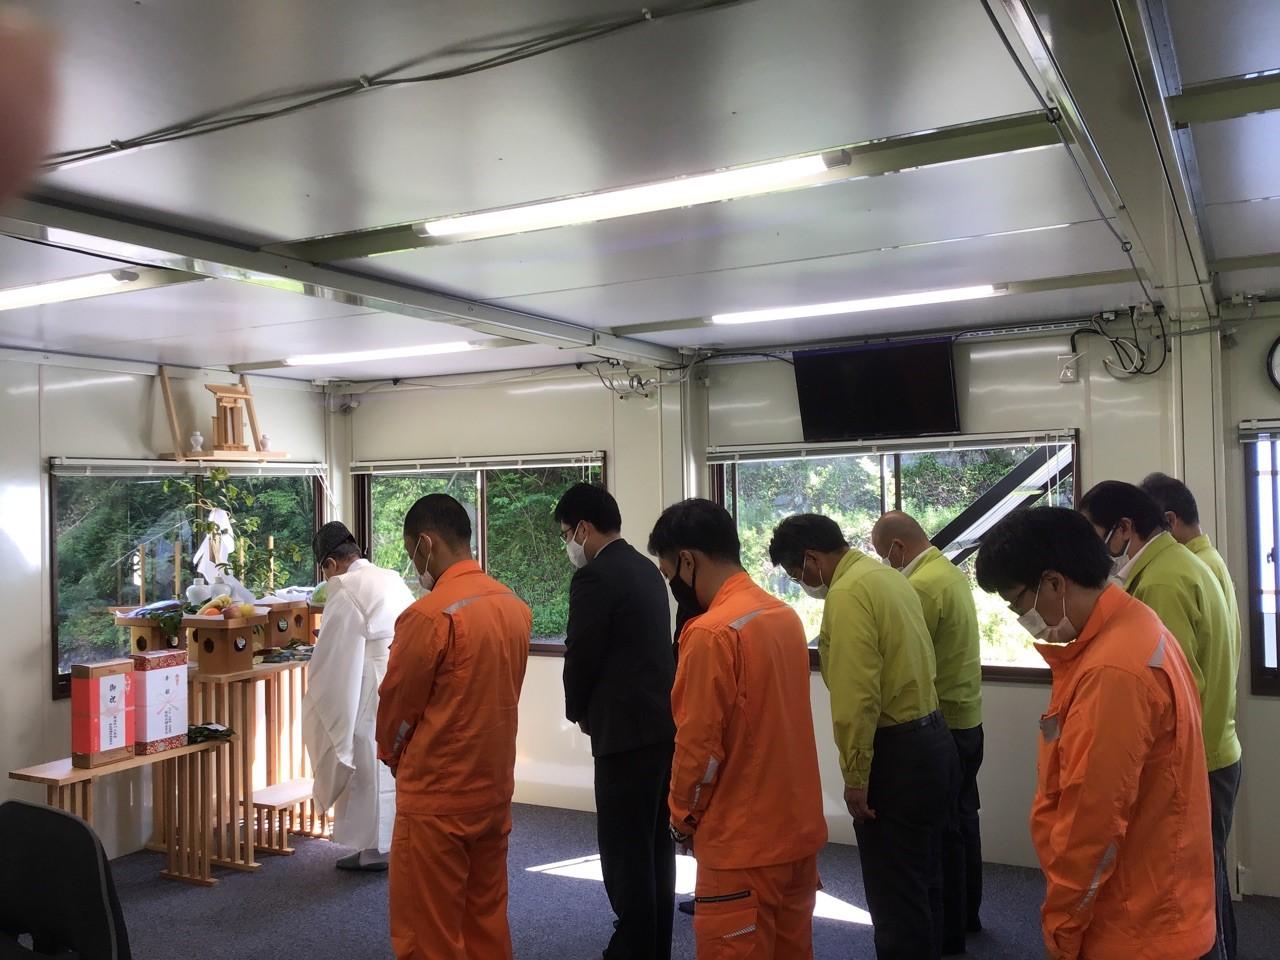 武部トンネル工事の安全祈願祭を執り行いました。